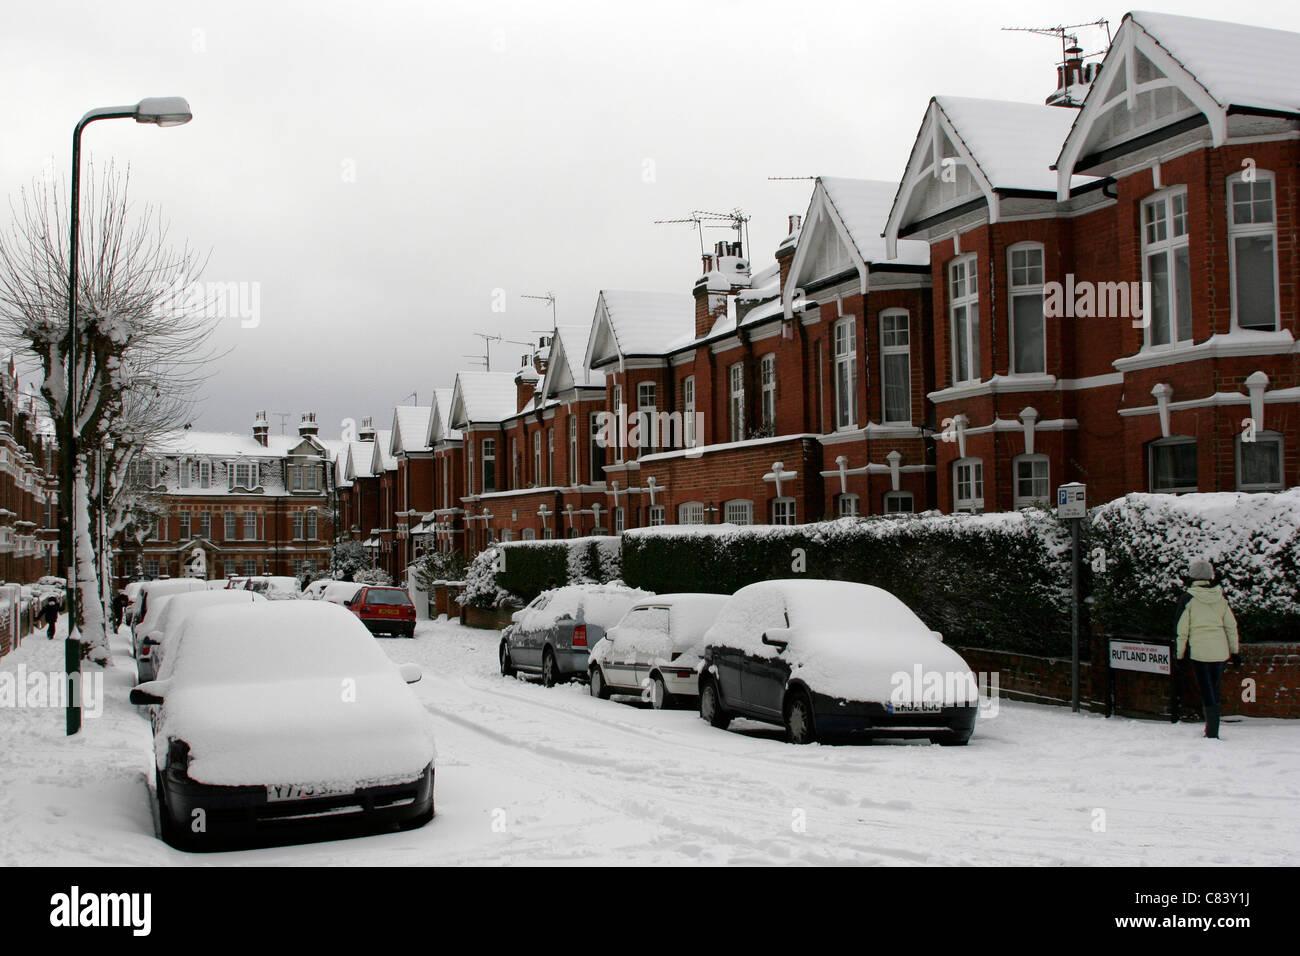 Snowy London street in Willesden Green - Stock Image